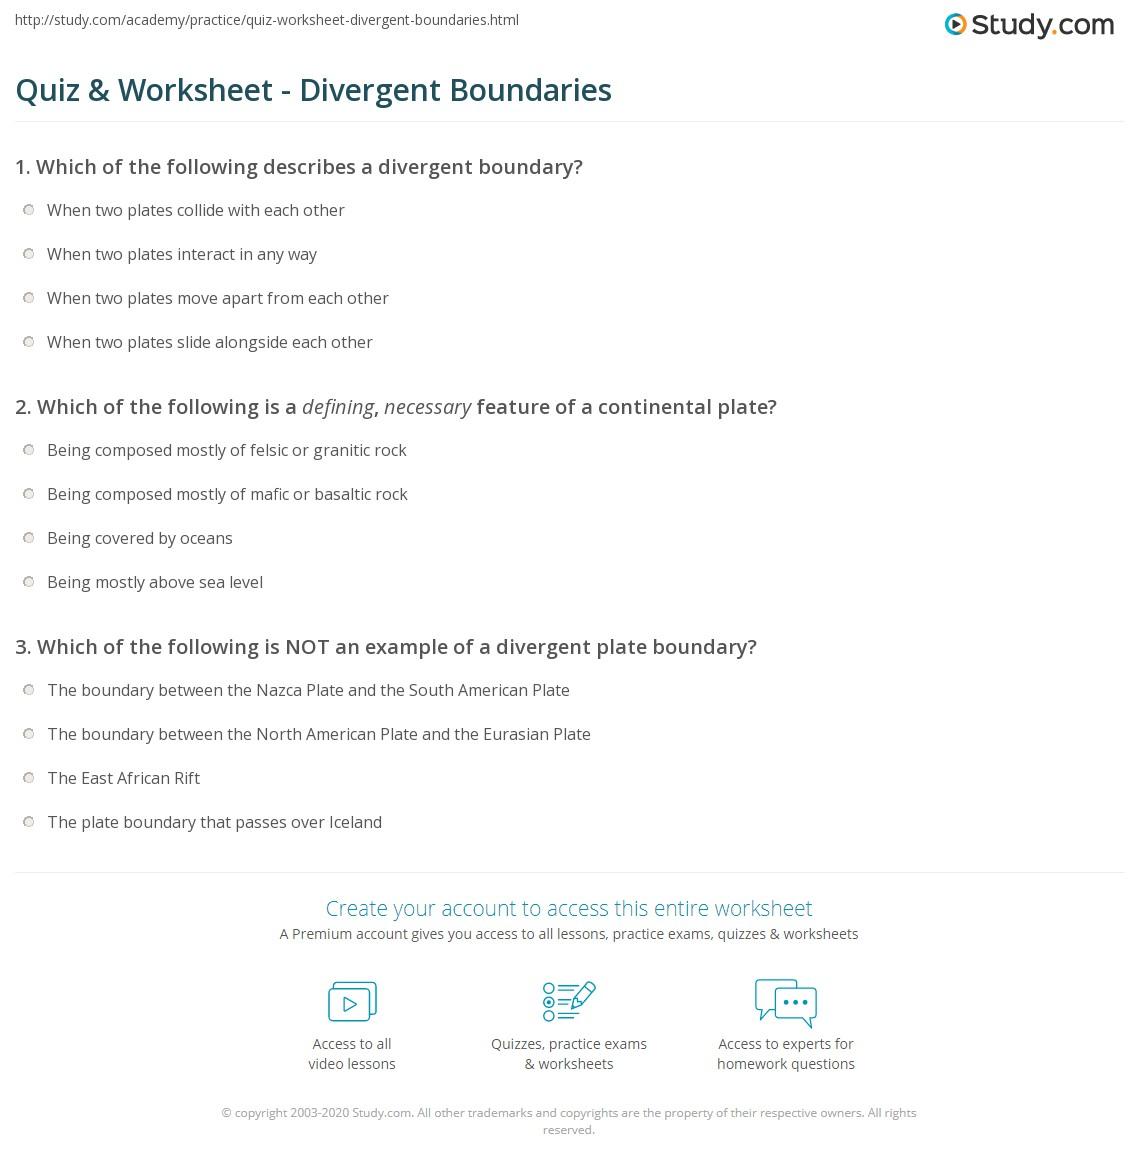 worksheet Healthy Boundaries Worksheet building healthy boundaries worksheets templates and and